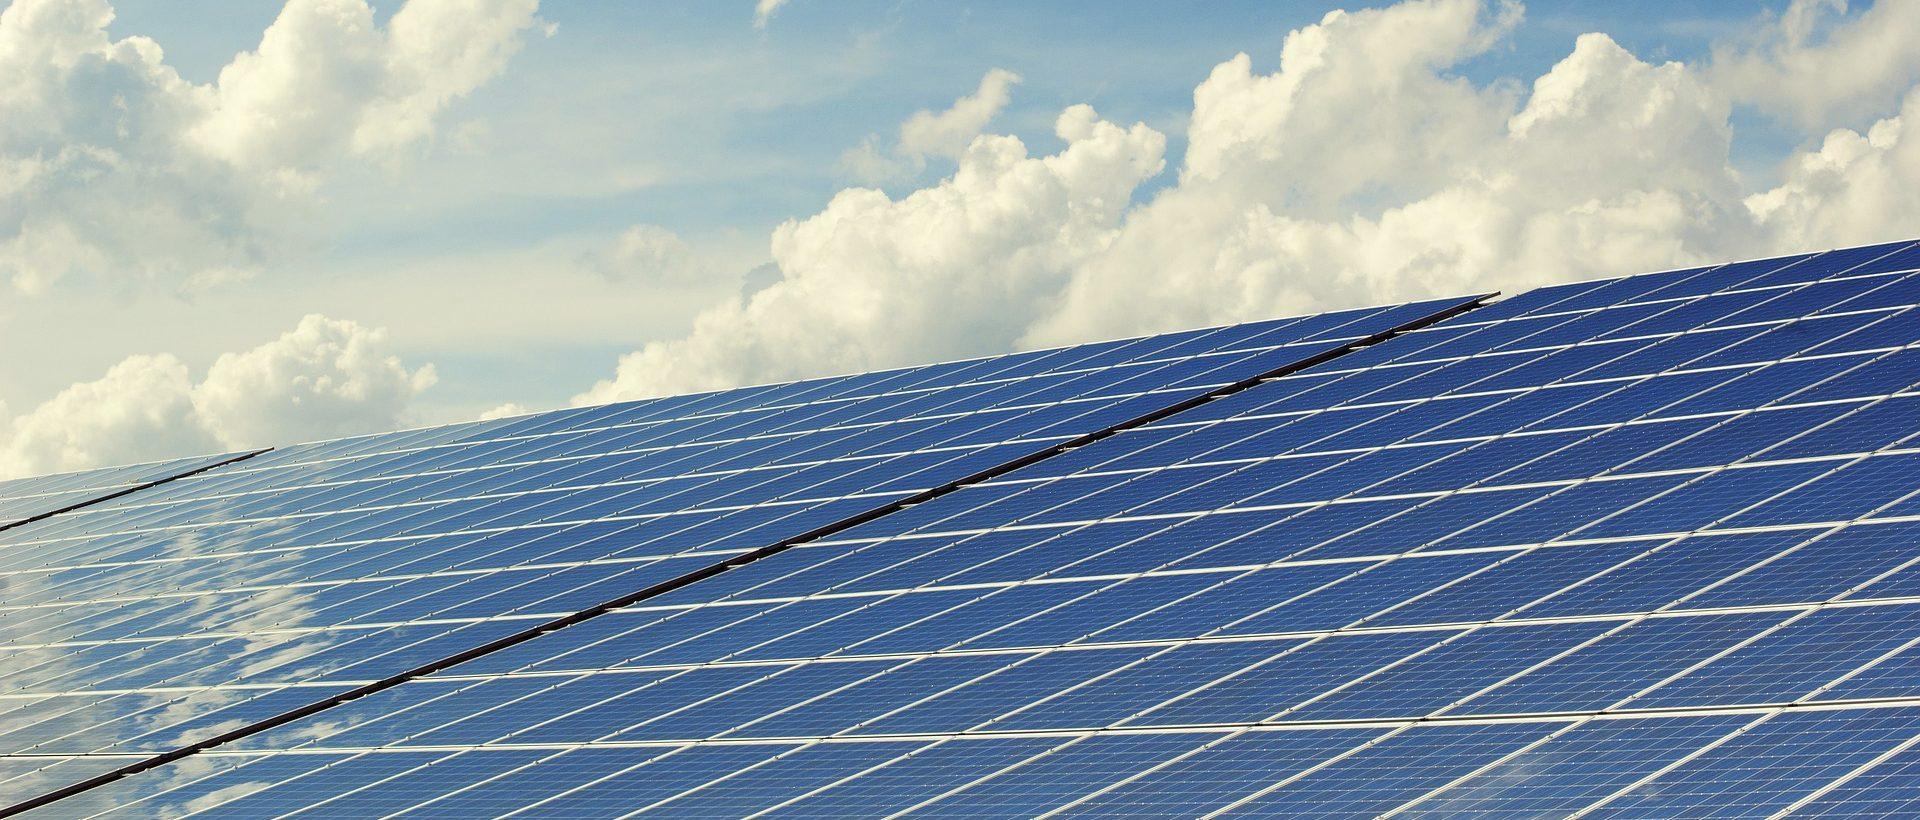 赛拉弗10GW光伏组件生产基地签约及开工仪式在安徽金寨成功举行